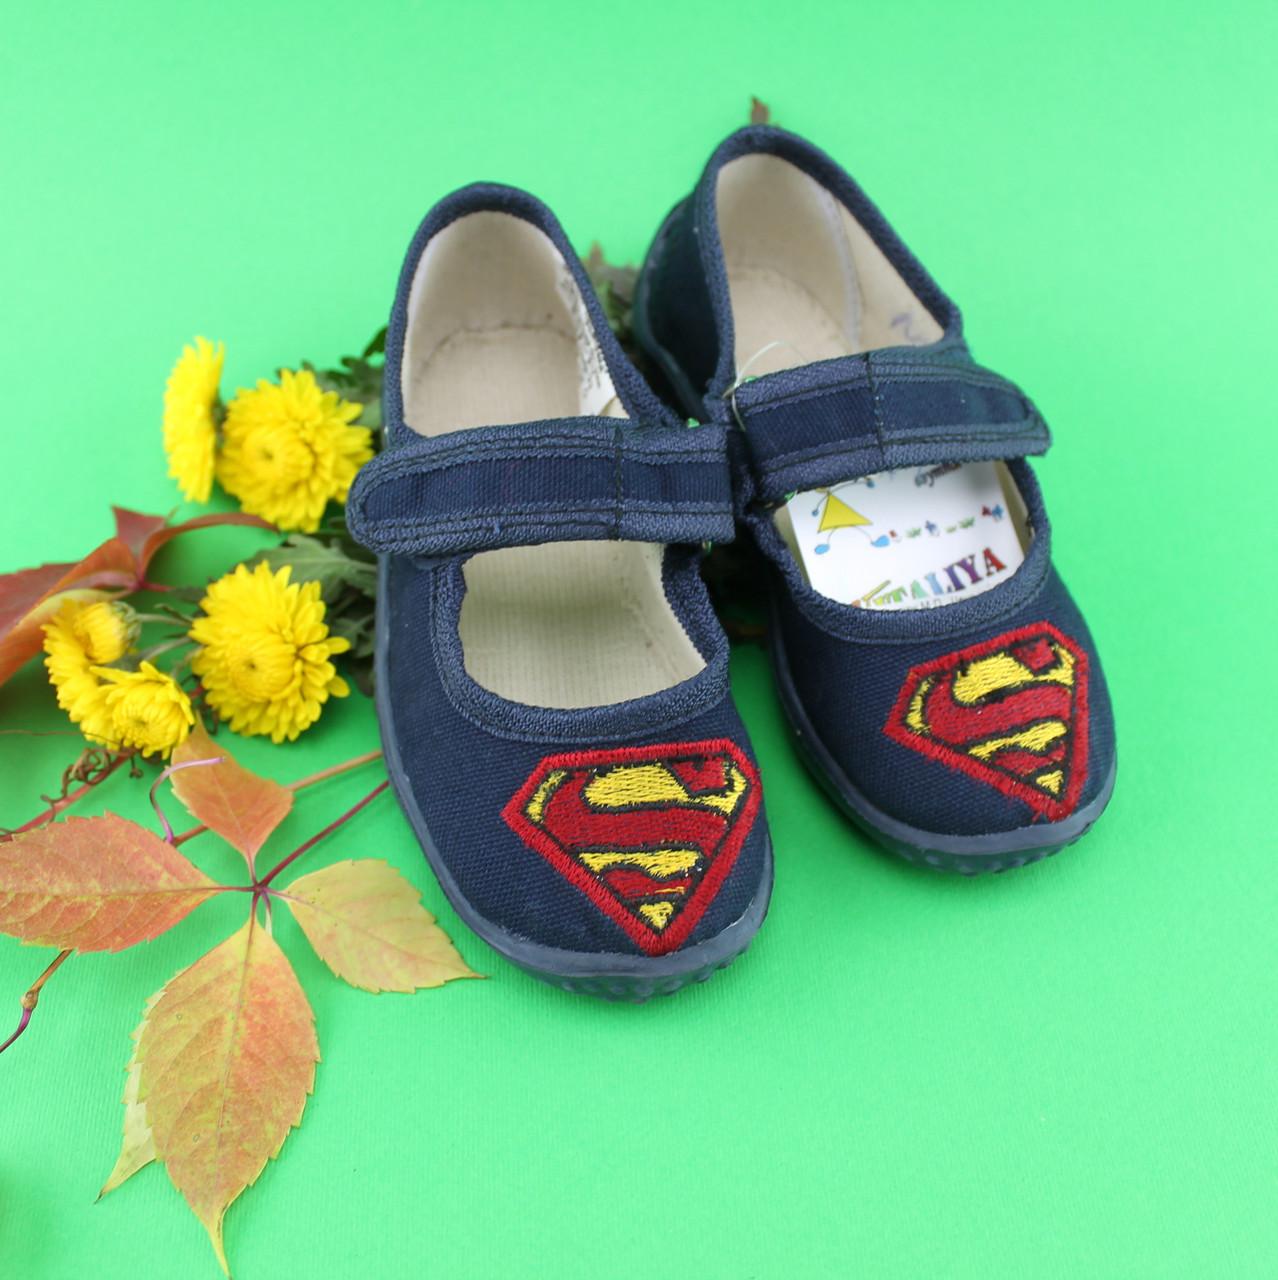 Детская обувь оптом Тапочки в садик с вышивкой на мальчика Vitaliya Виталия размеры 28-31.5